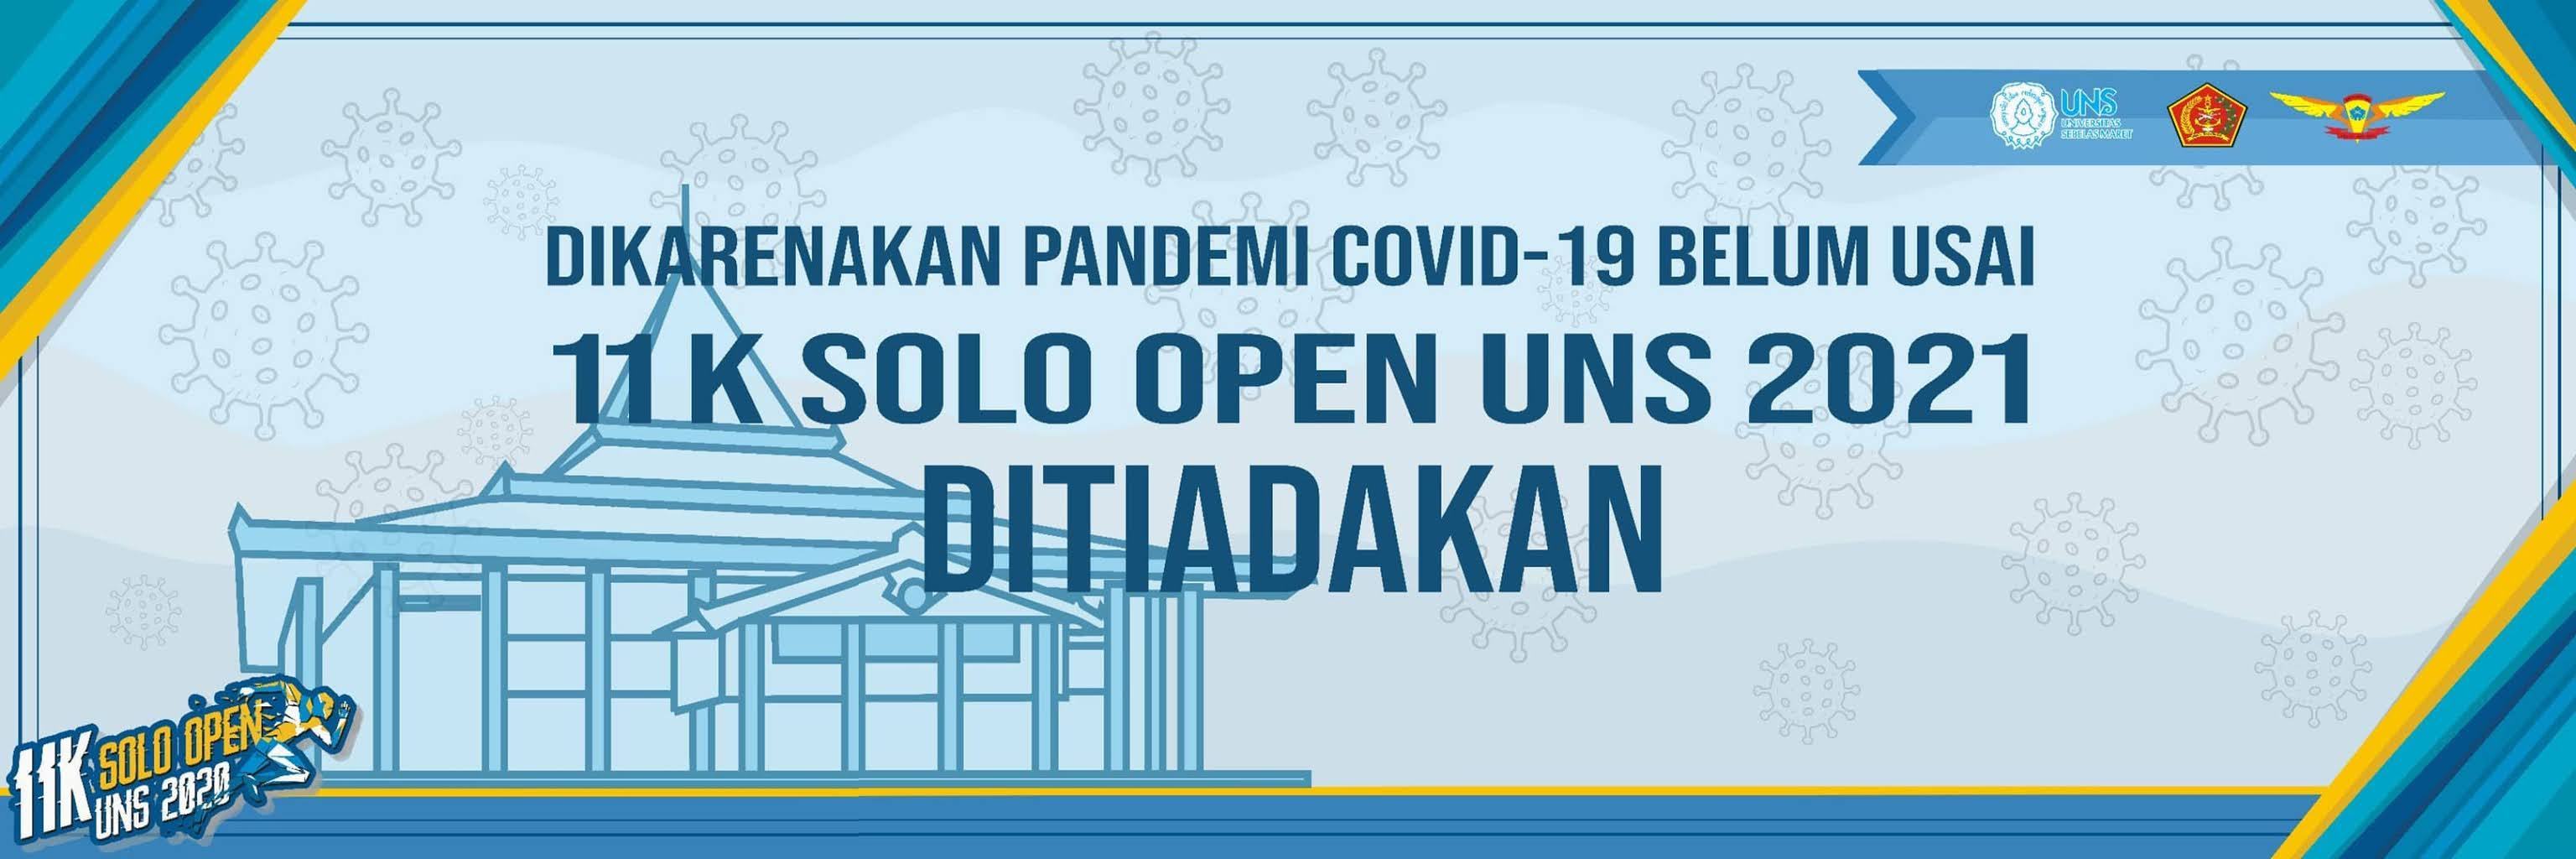 11K Solo Open UNS • 2021